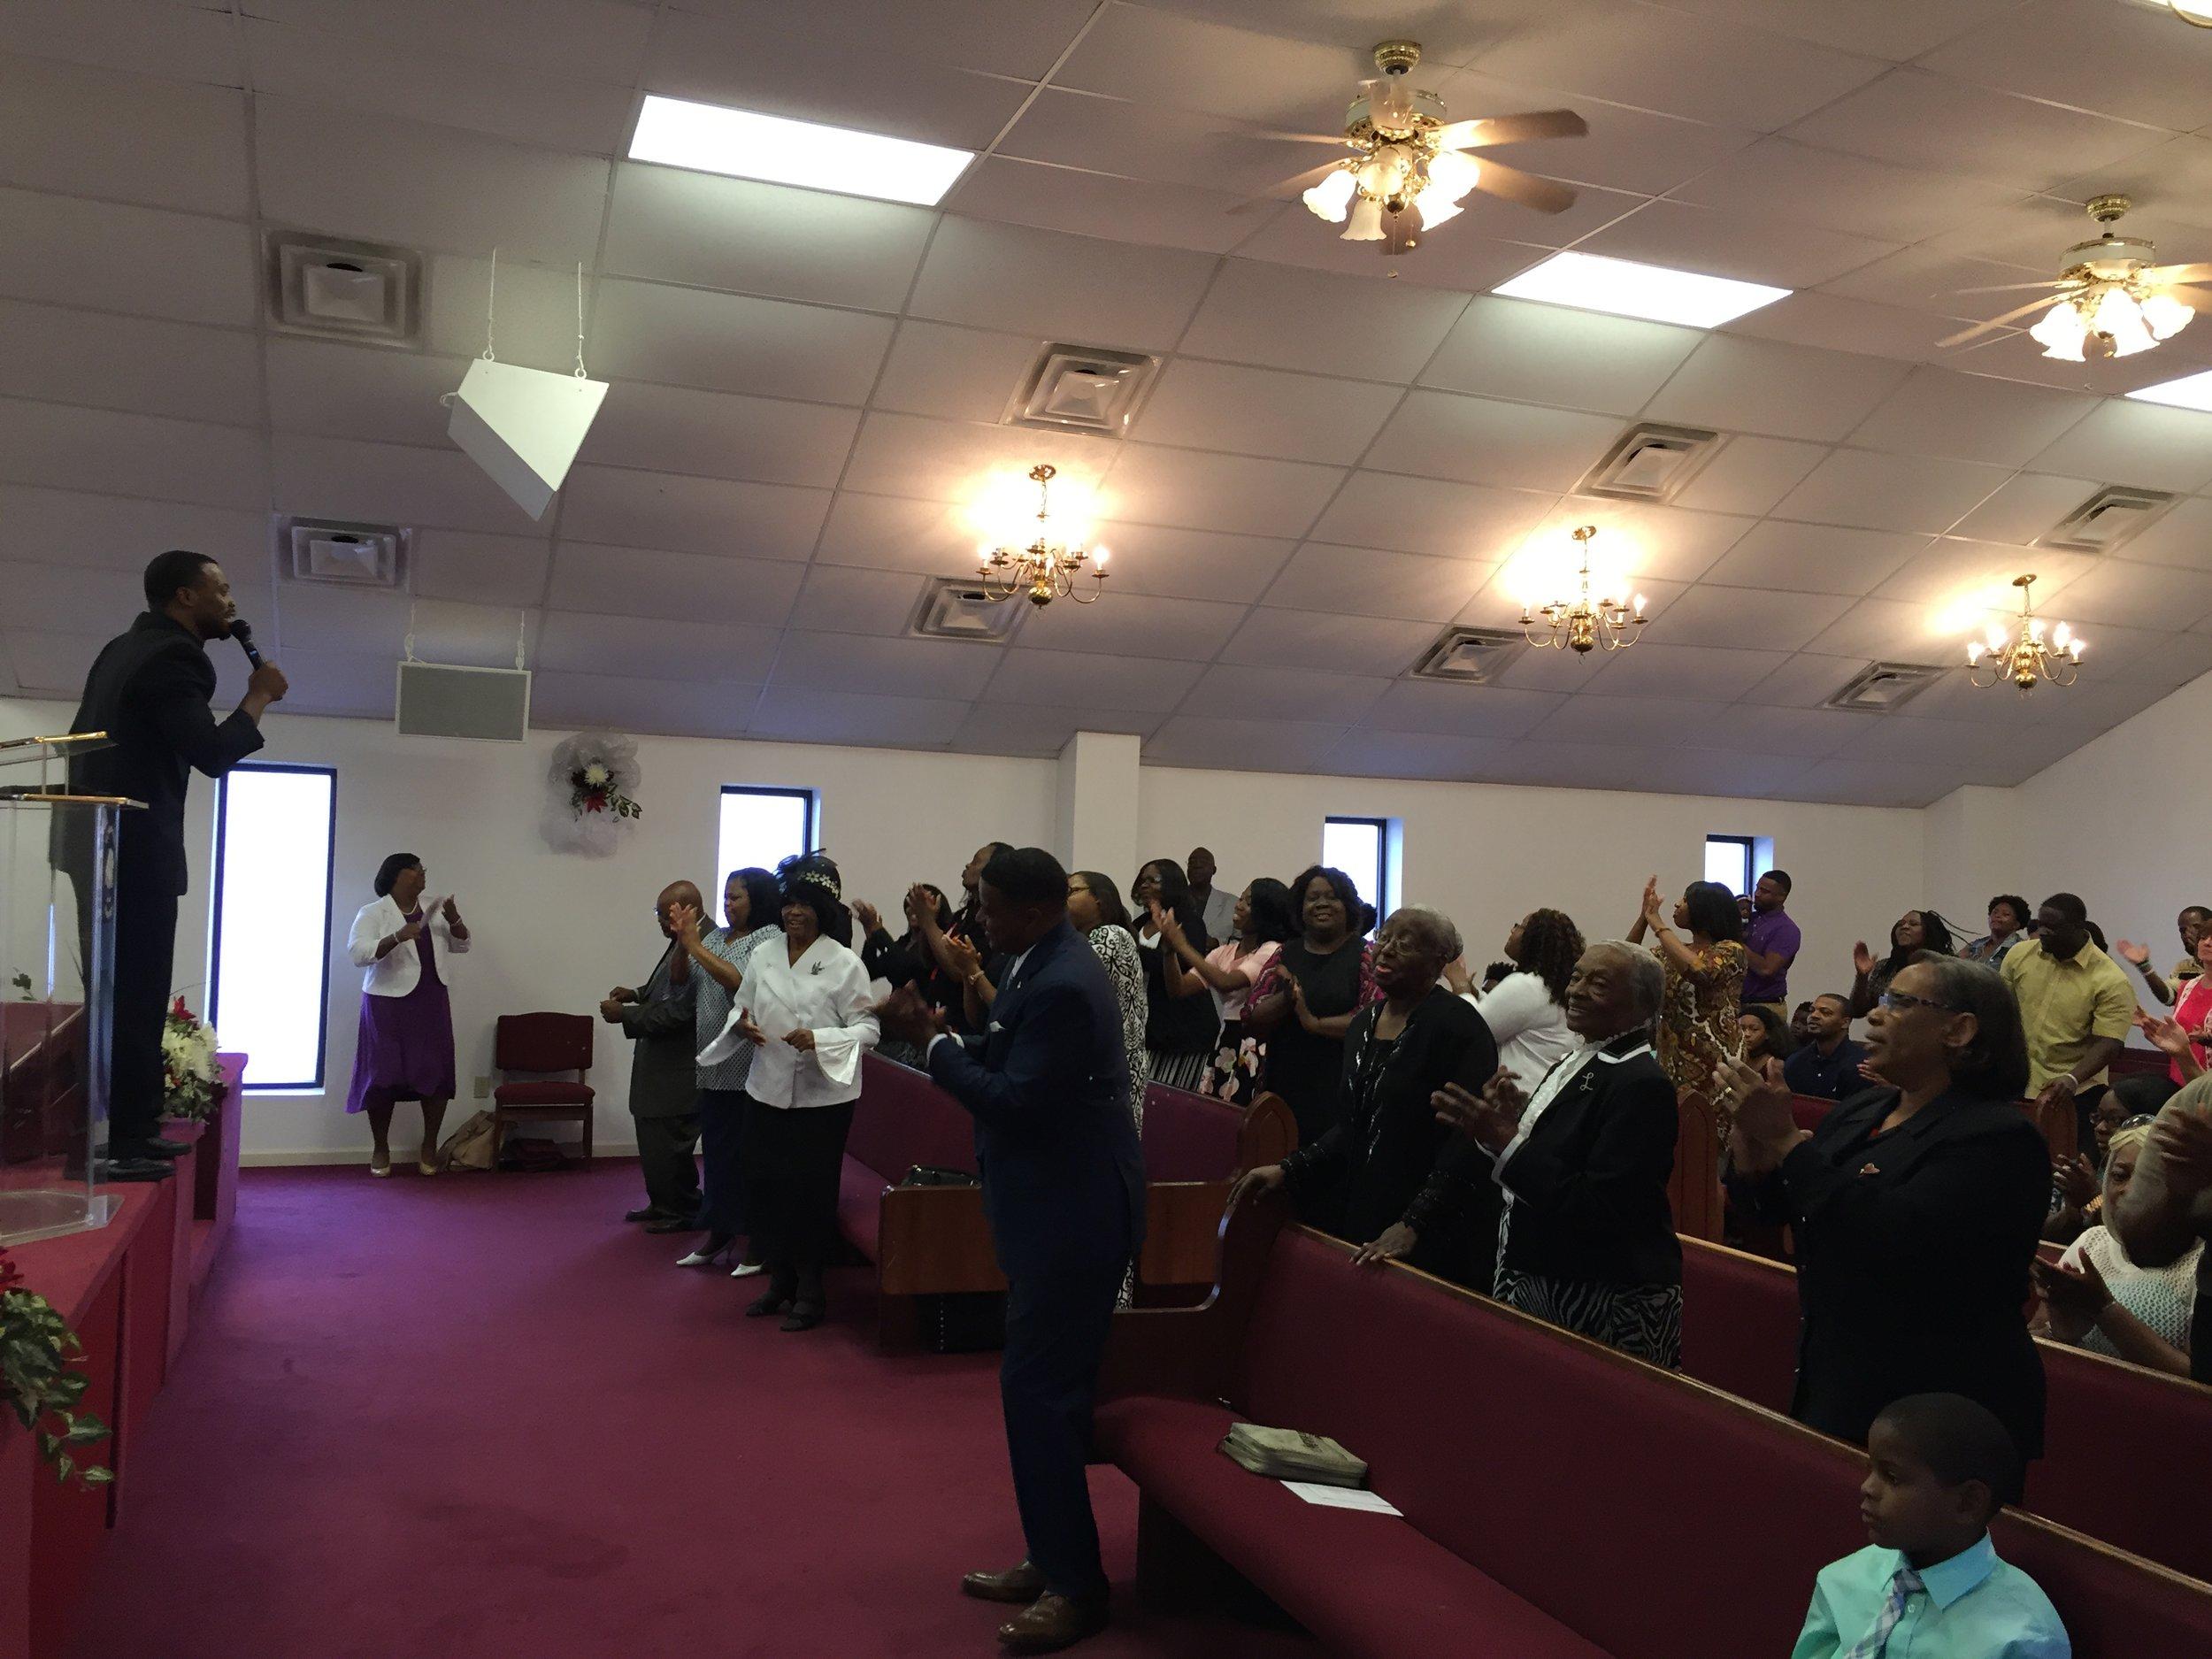 Church pics sep172017-04.jpg